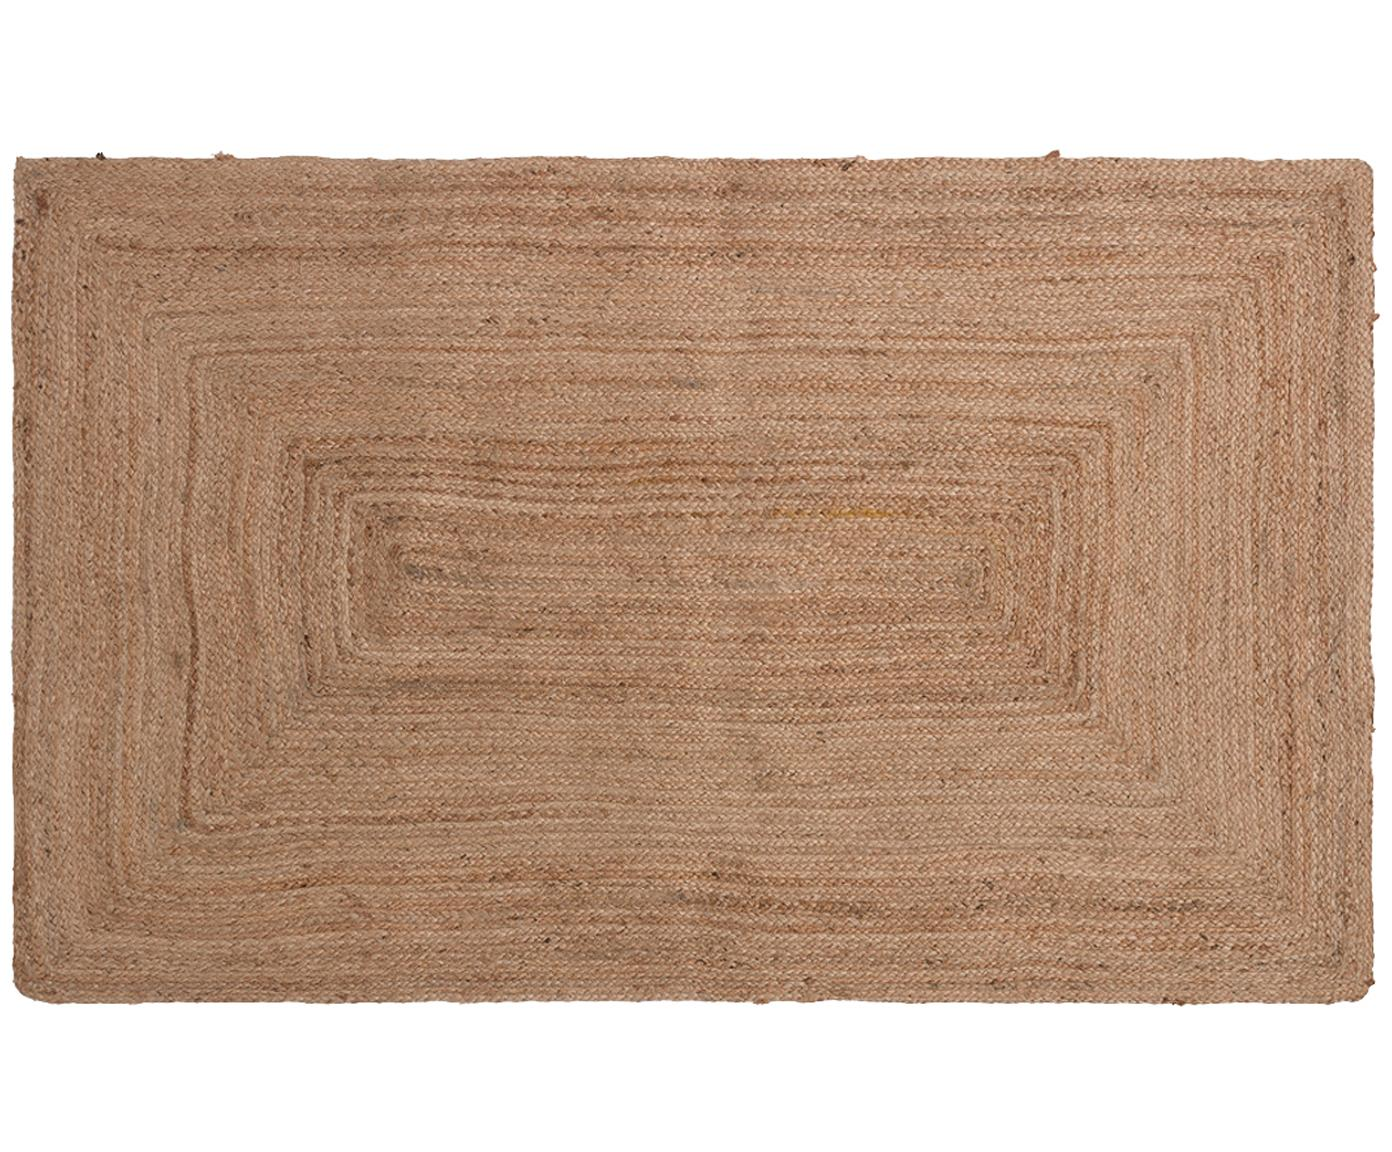 Juten vloerkleed Ural, Jute, Jutekleurig, B 90 x L 150 cm (maat XS)